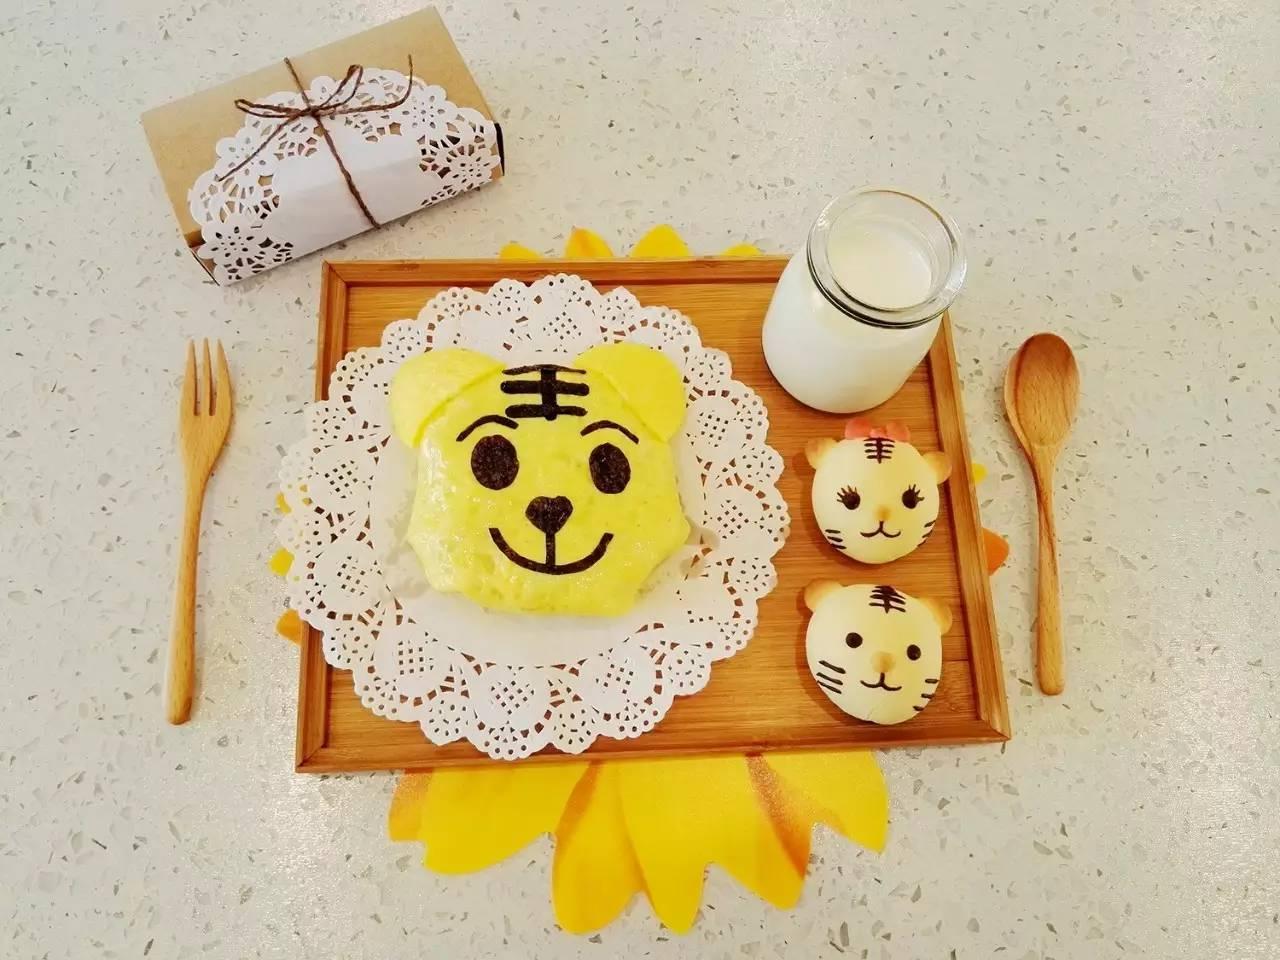 早安丨龙猫煎饭团 巧虎蛋包饭 土司焗布丁 奶酪木糠杯 彩虹芝士